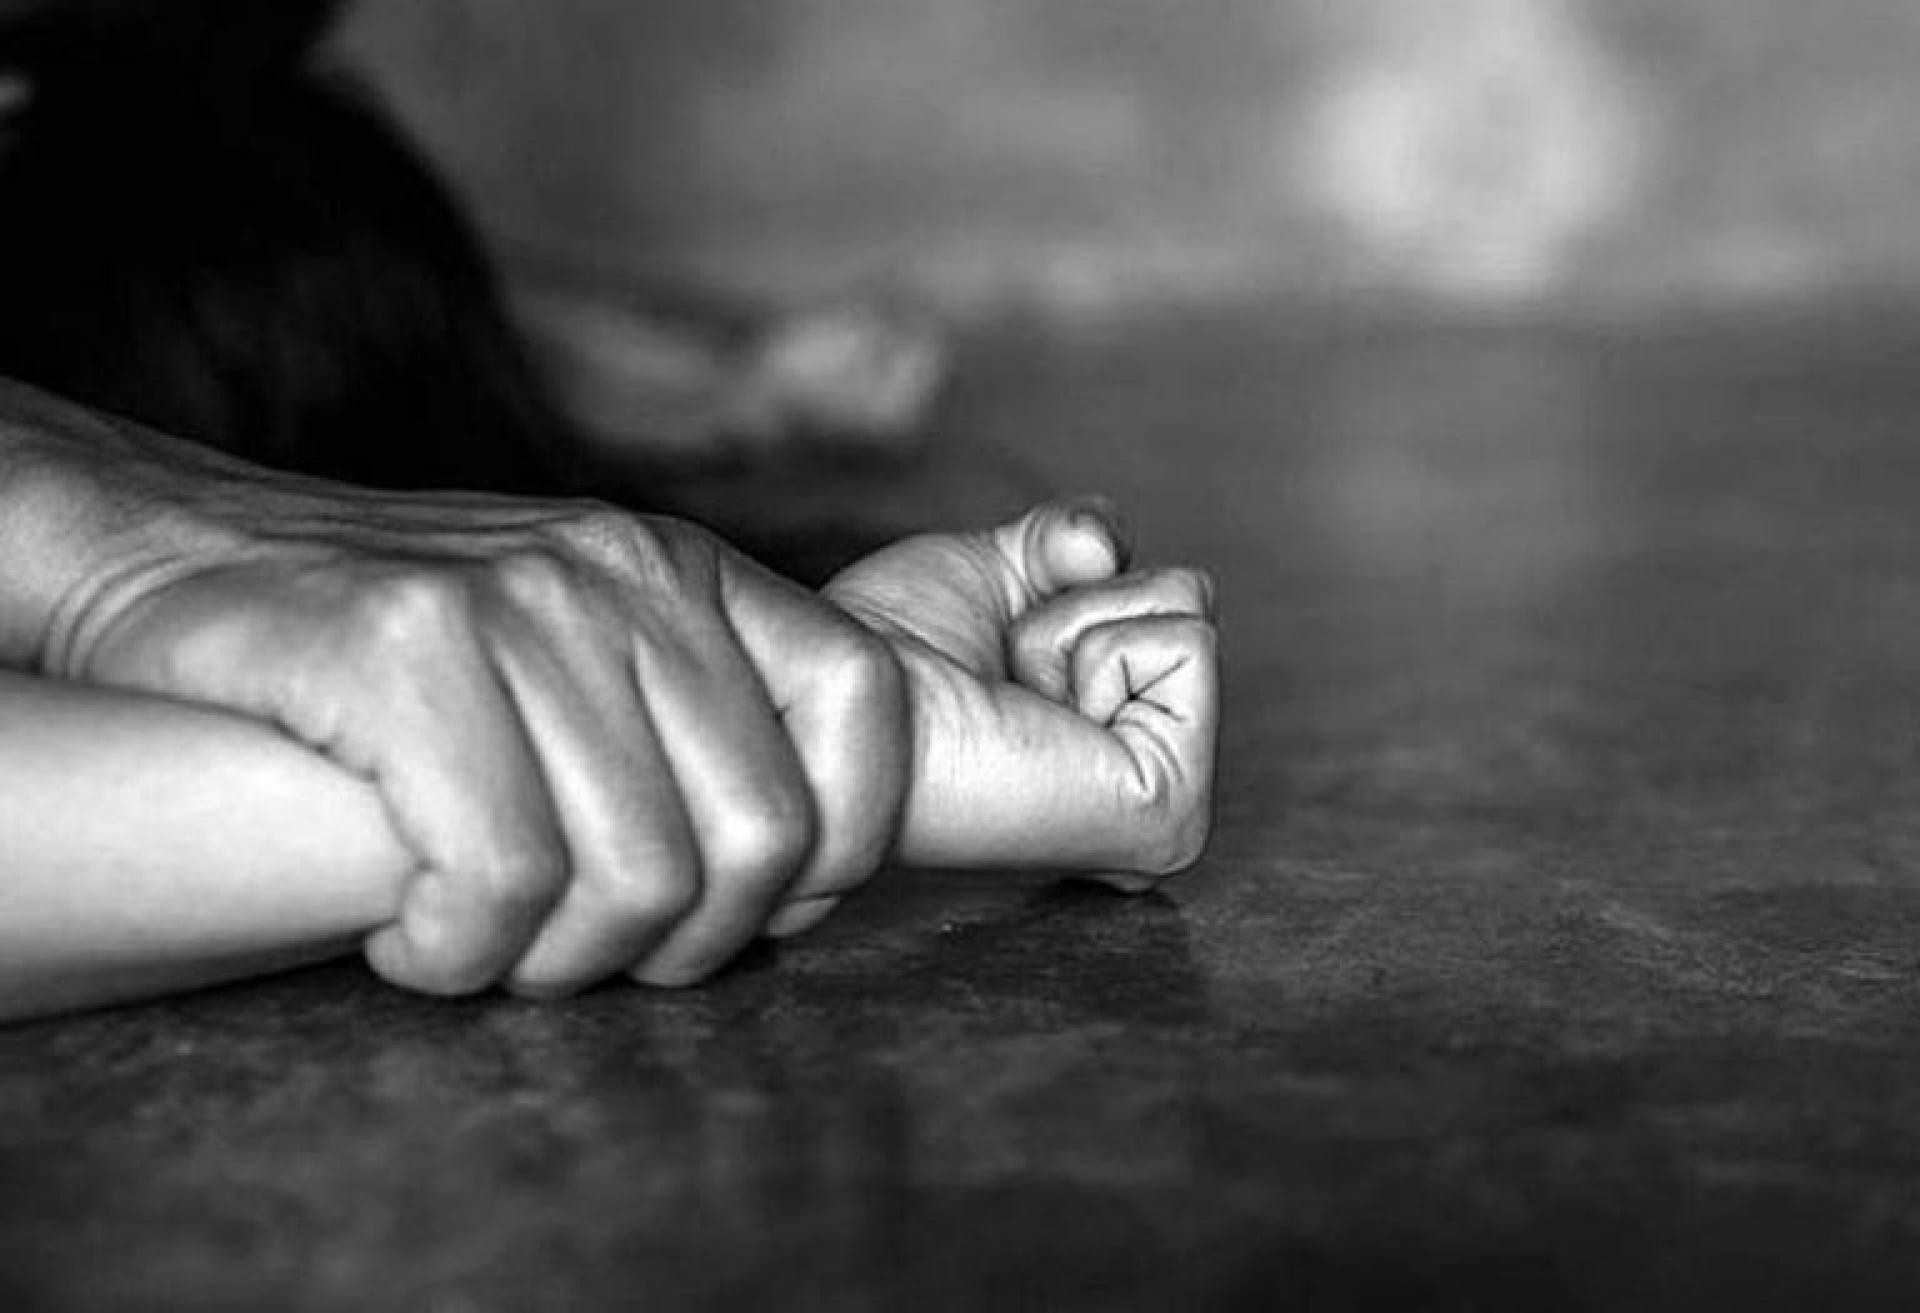 Φρίκη:  Μητέρα και πατριός βίαζαν τα παιδιά τους – Τους άφησαν ελεύθερους